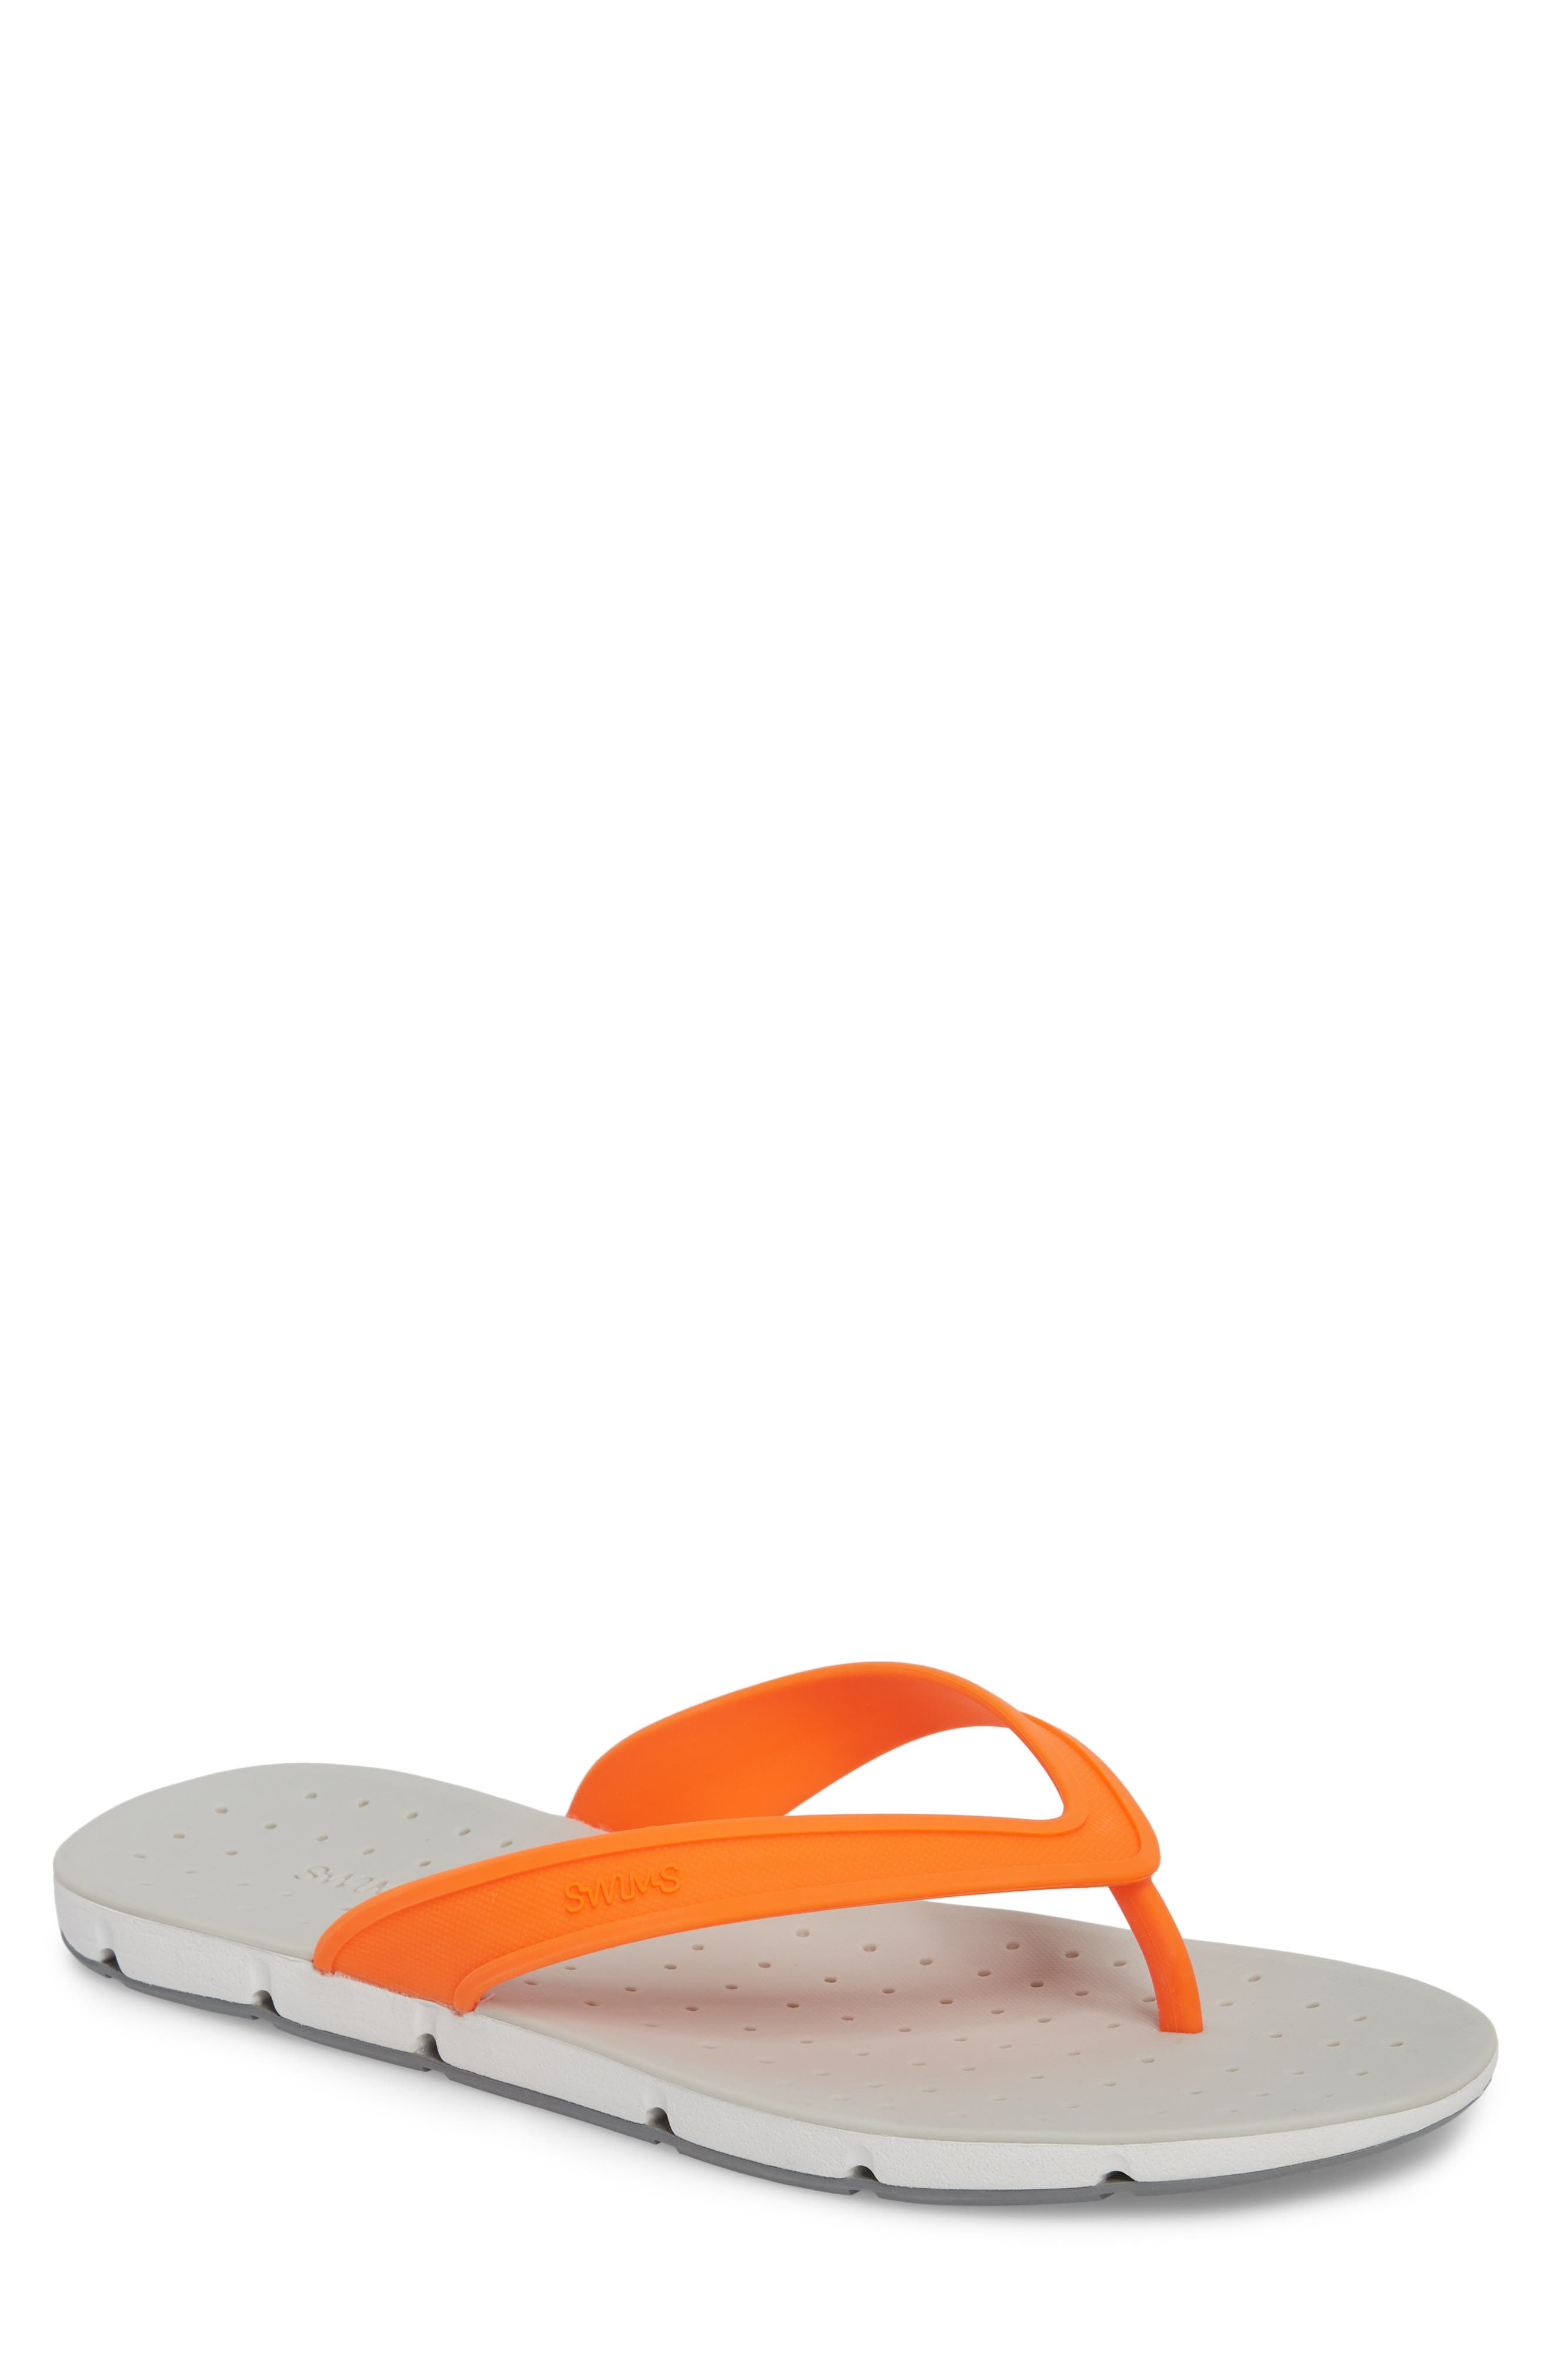 Breeze Flip Flop,                         Main,                         color, Orange/ White/ Grey Fabric